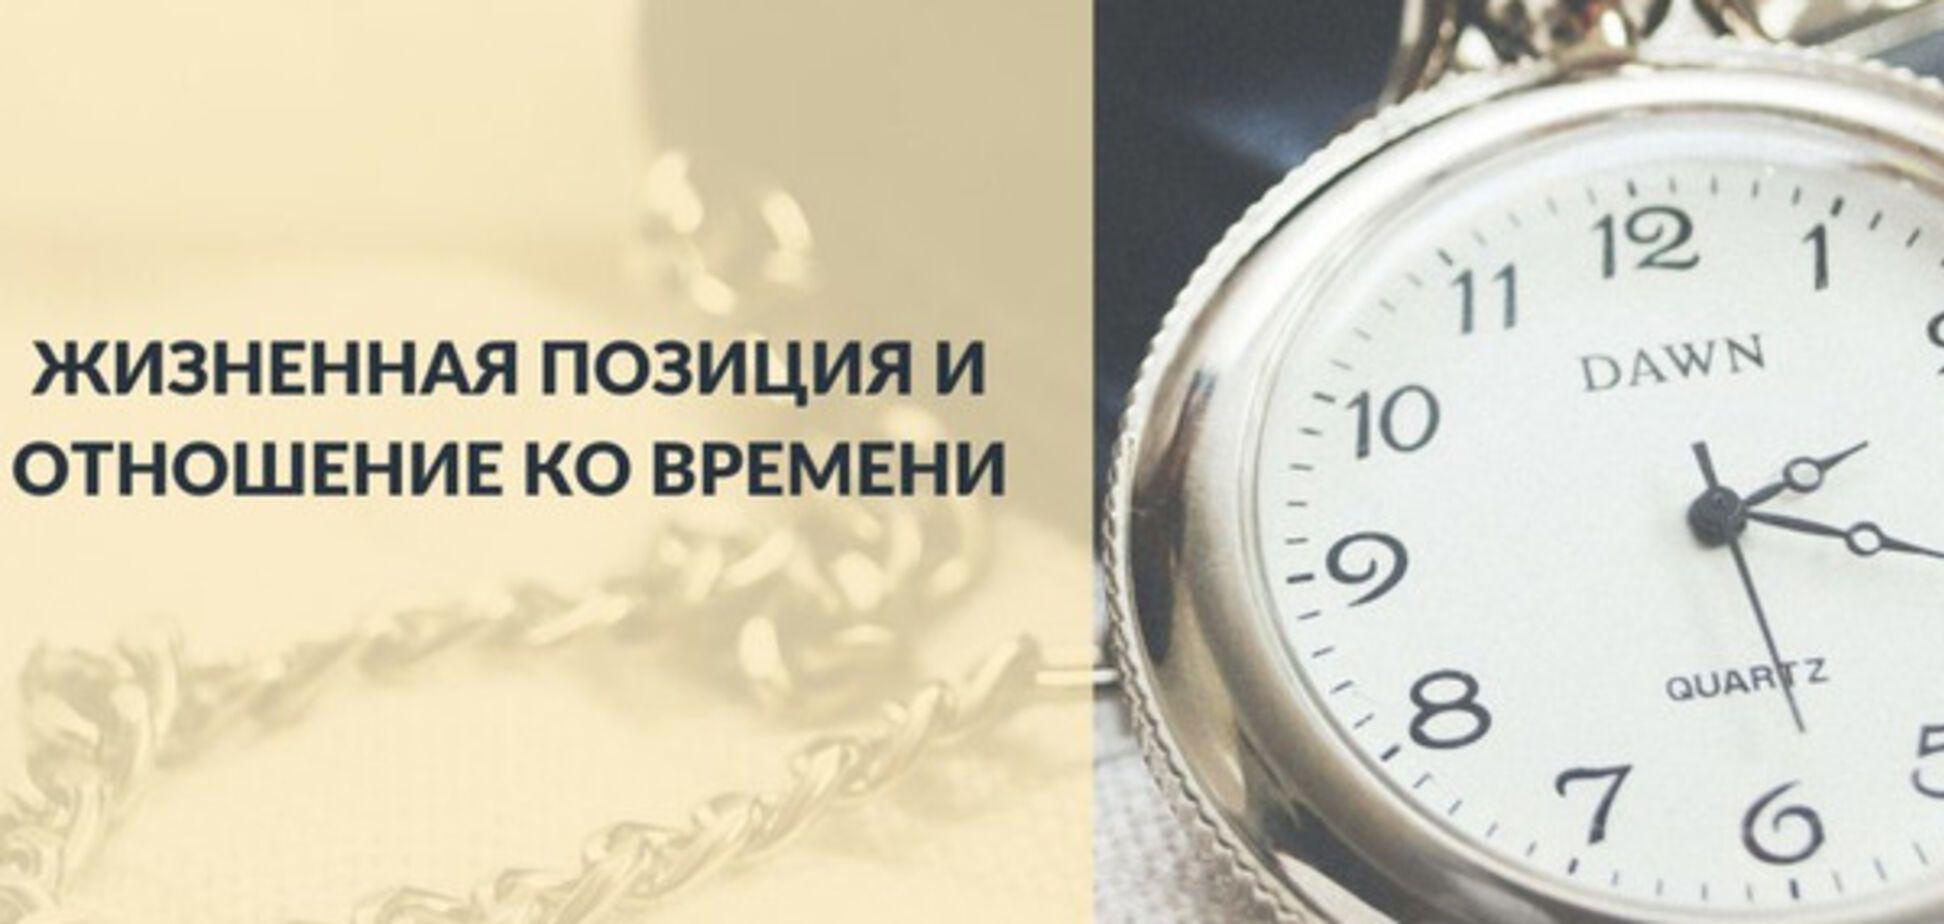 Не спеши, а то успеешь: куда потратить время